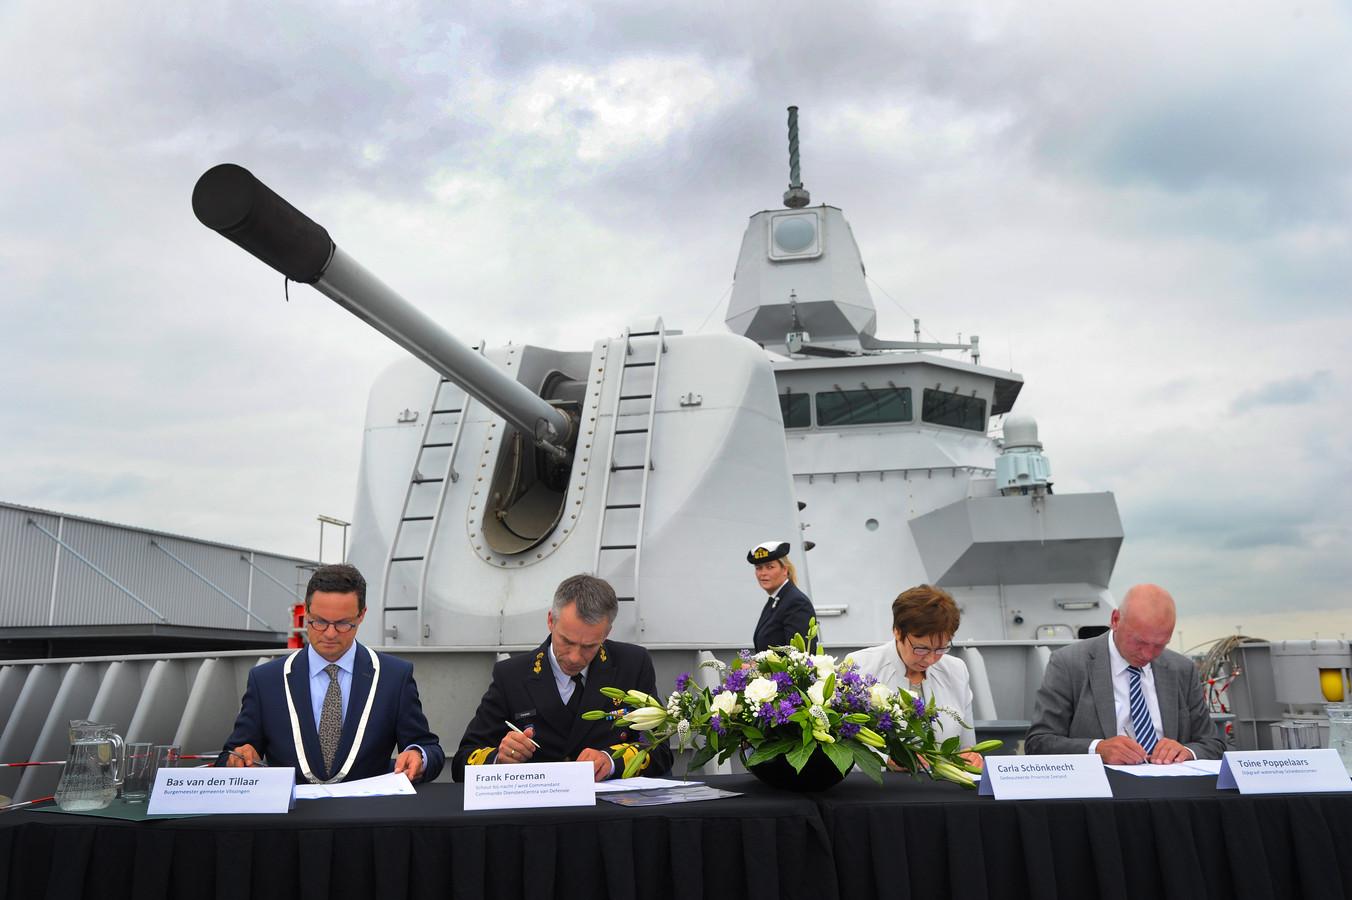 De ondertekening, in 2016, van de laatste overeenkomst voor de komst van de marinierskazerne naar Vlissingen.